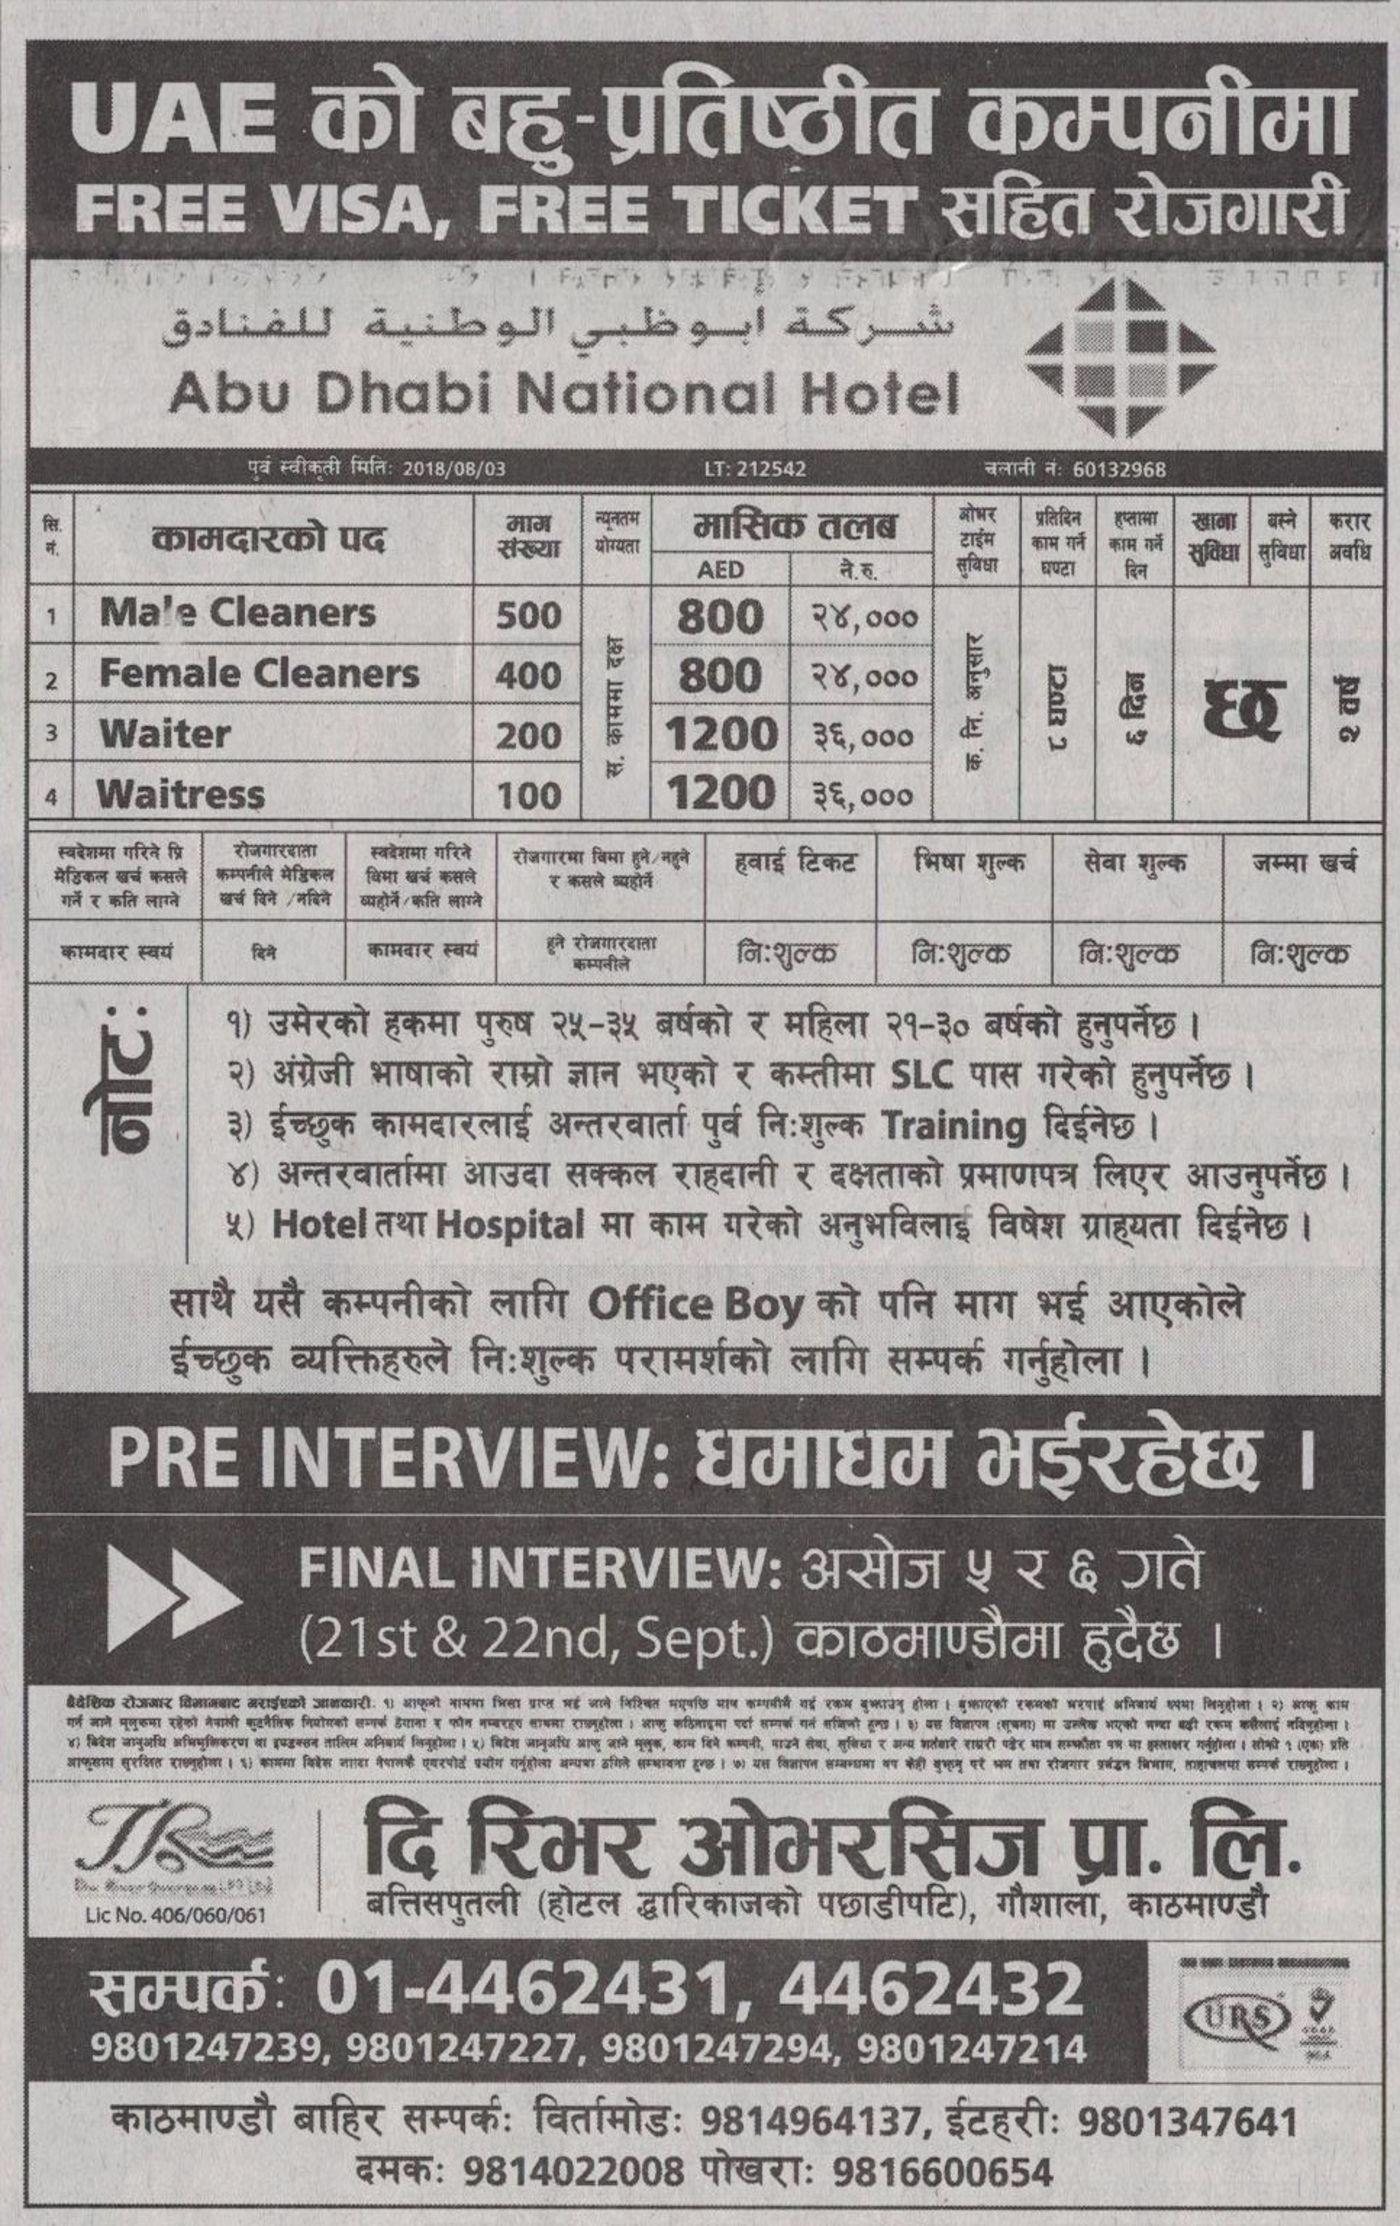 Jobs Nepal - UAE Vacancy - Cleaners and Waiter - Abu Dhabi National